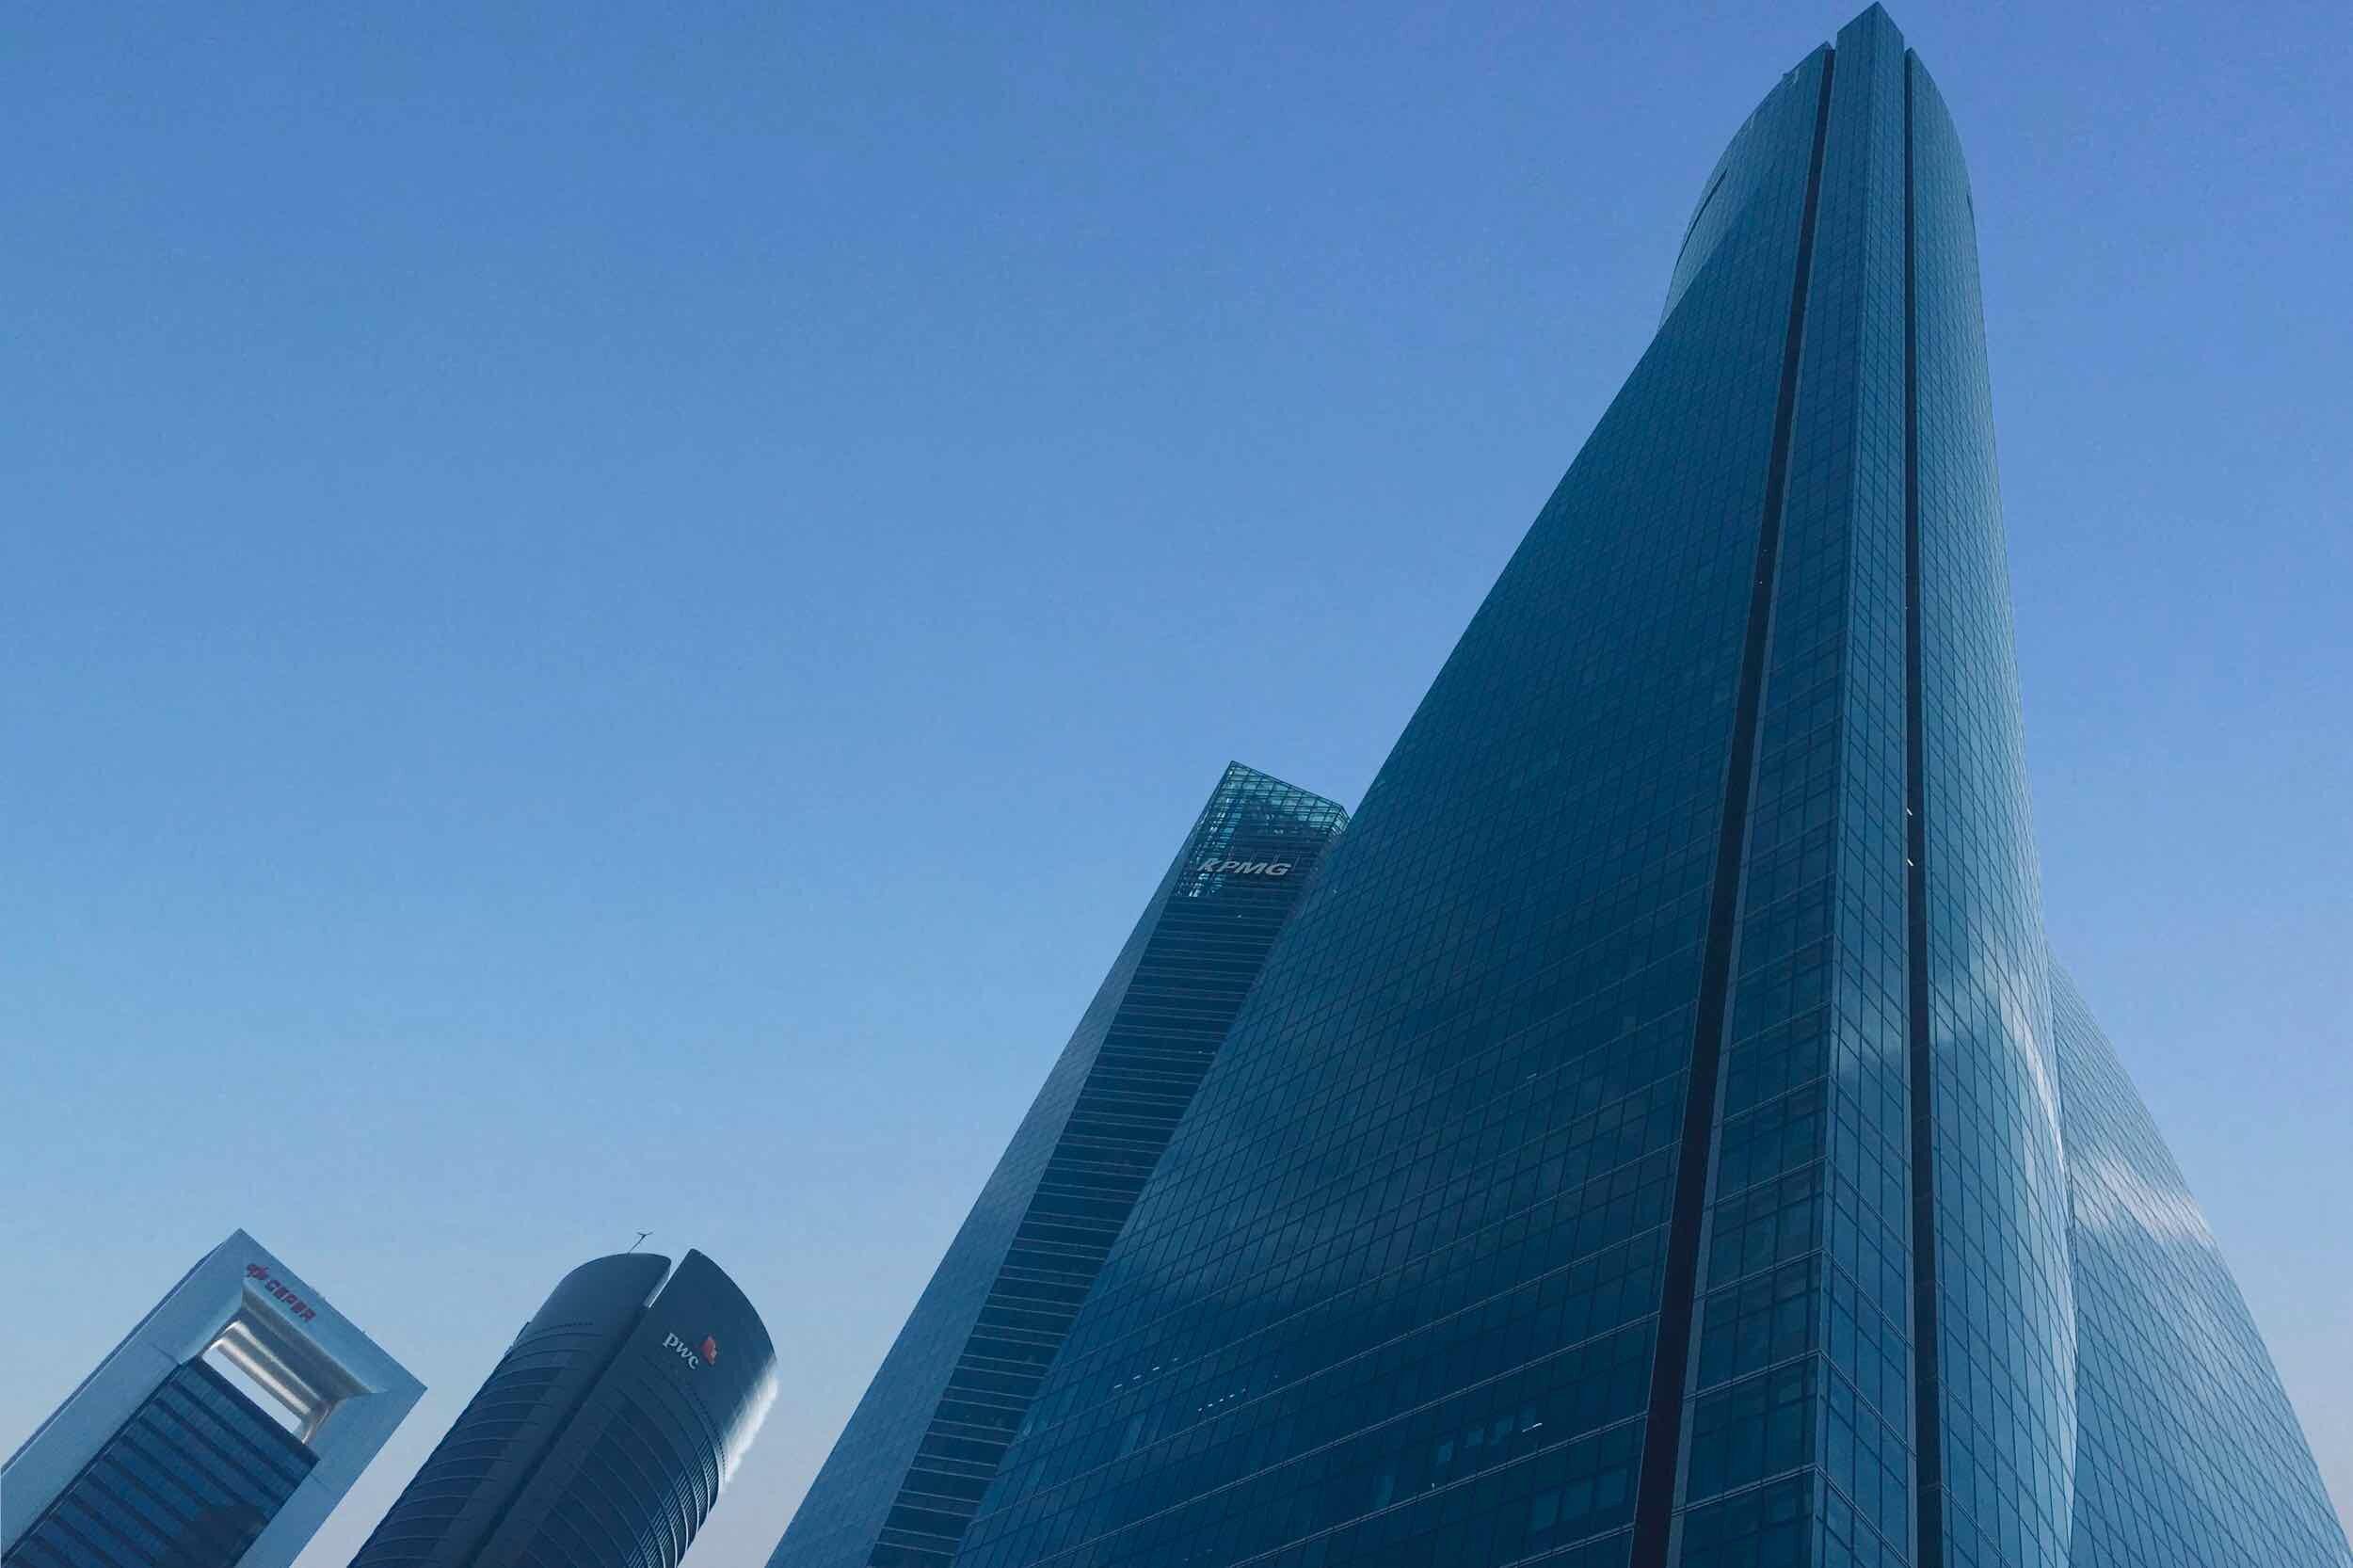 hemels-madrid-norte-cuatro-torres.jpg